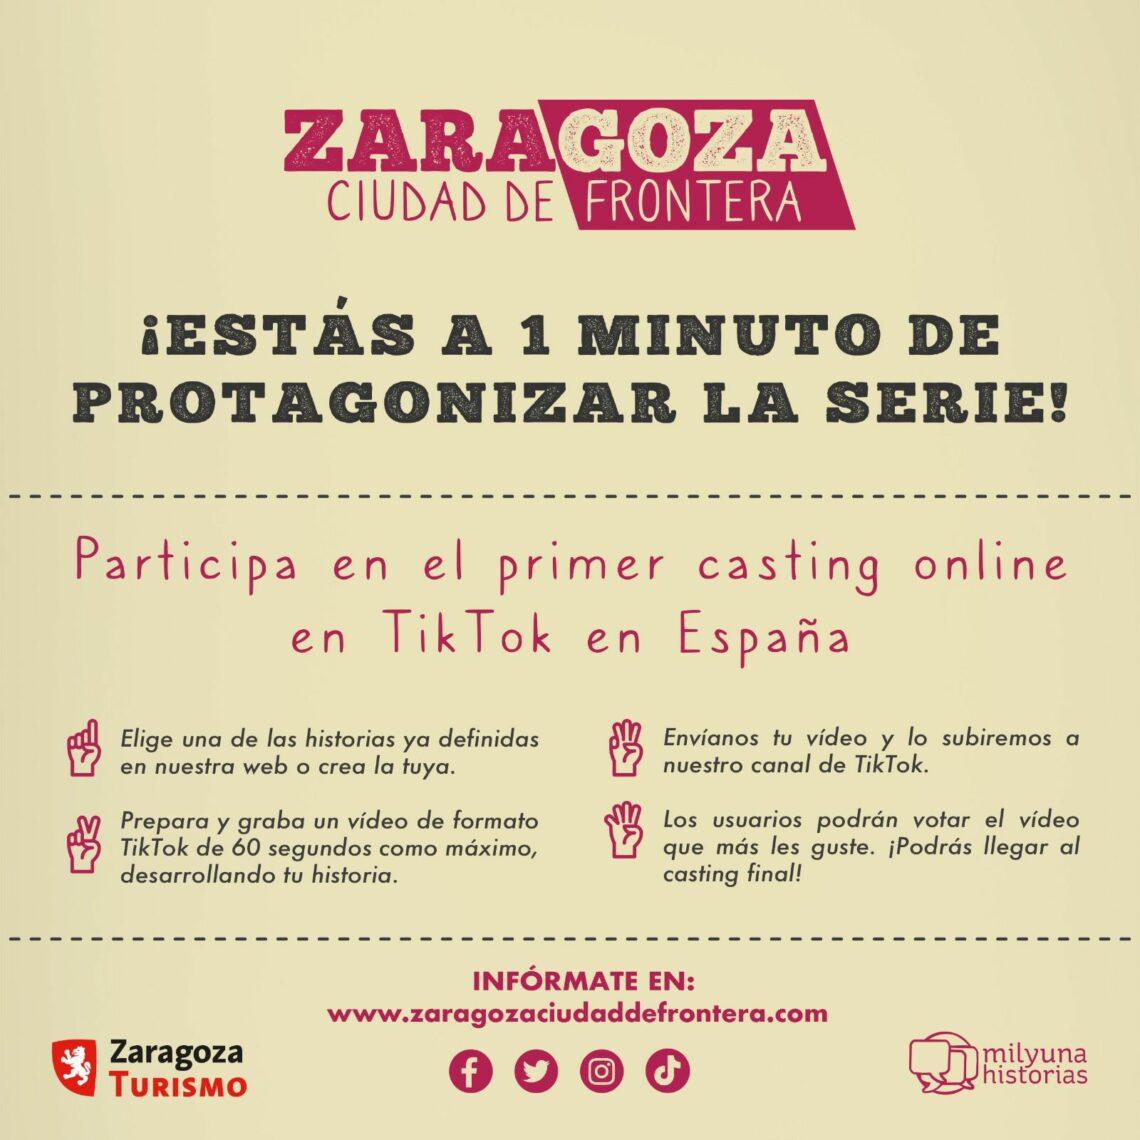 Zaragoza Ciudad de Frontera Casting